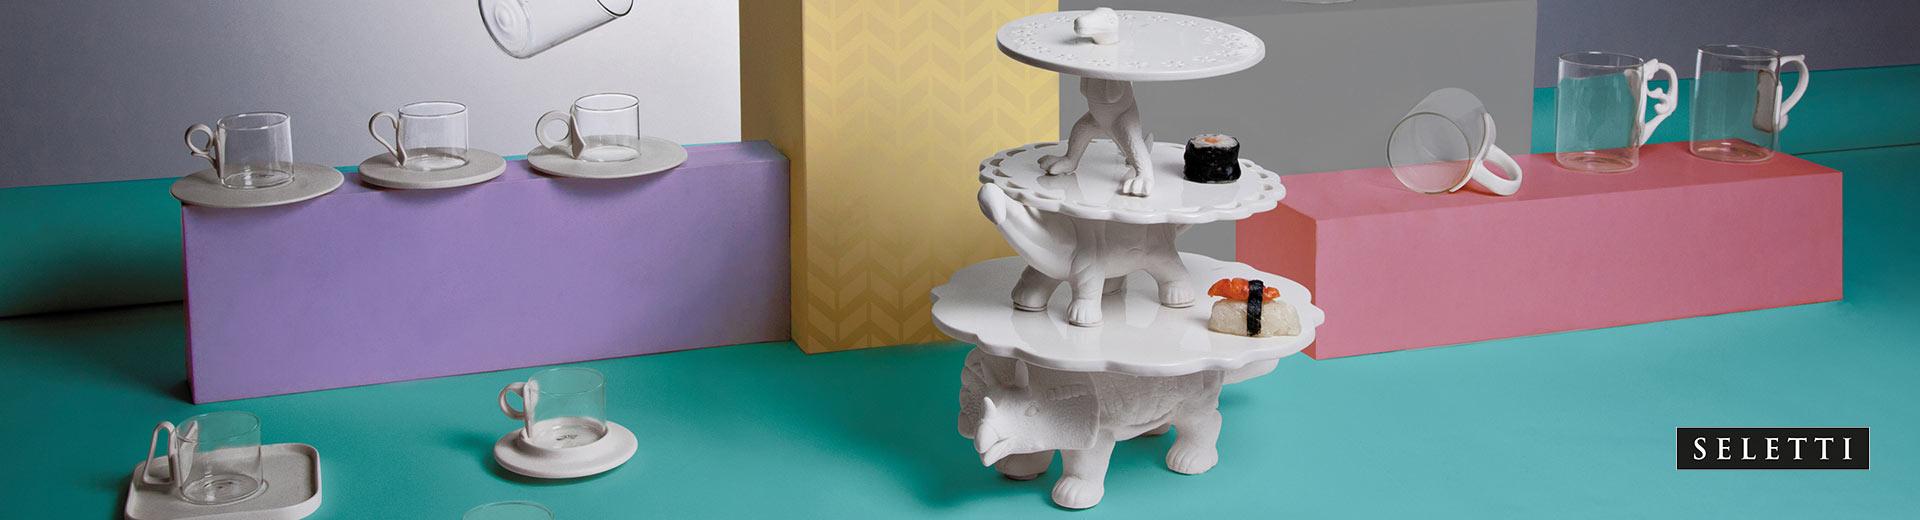 Seletti - Steht für kreatives, kunstfertiges italienisches Design